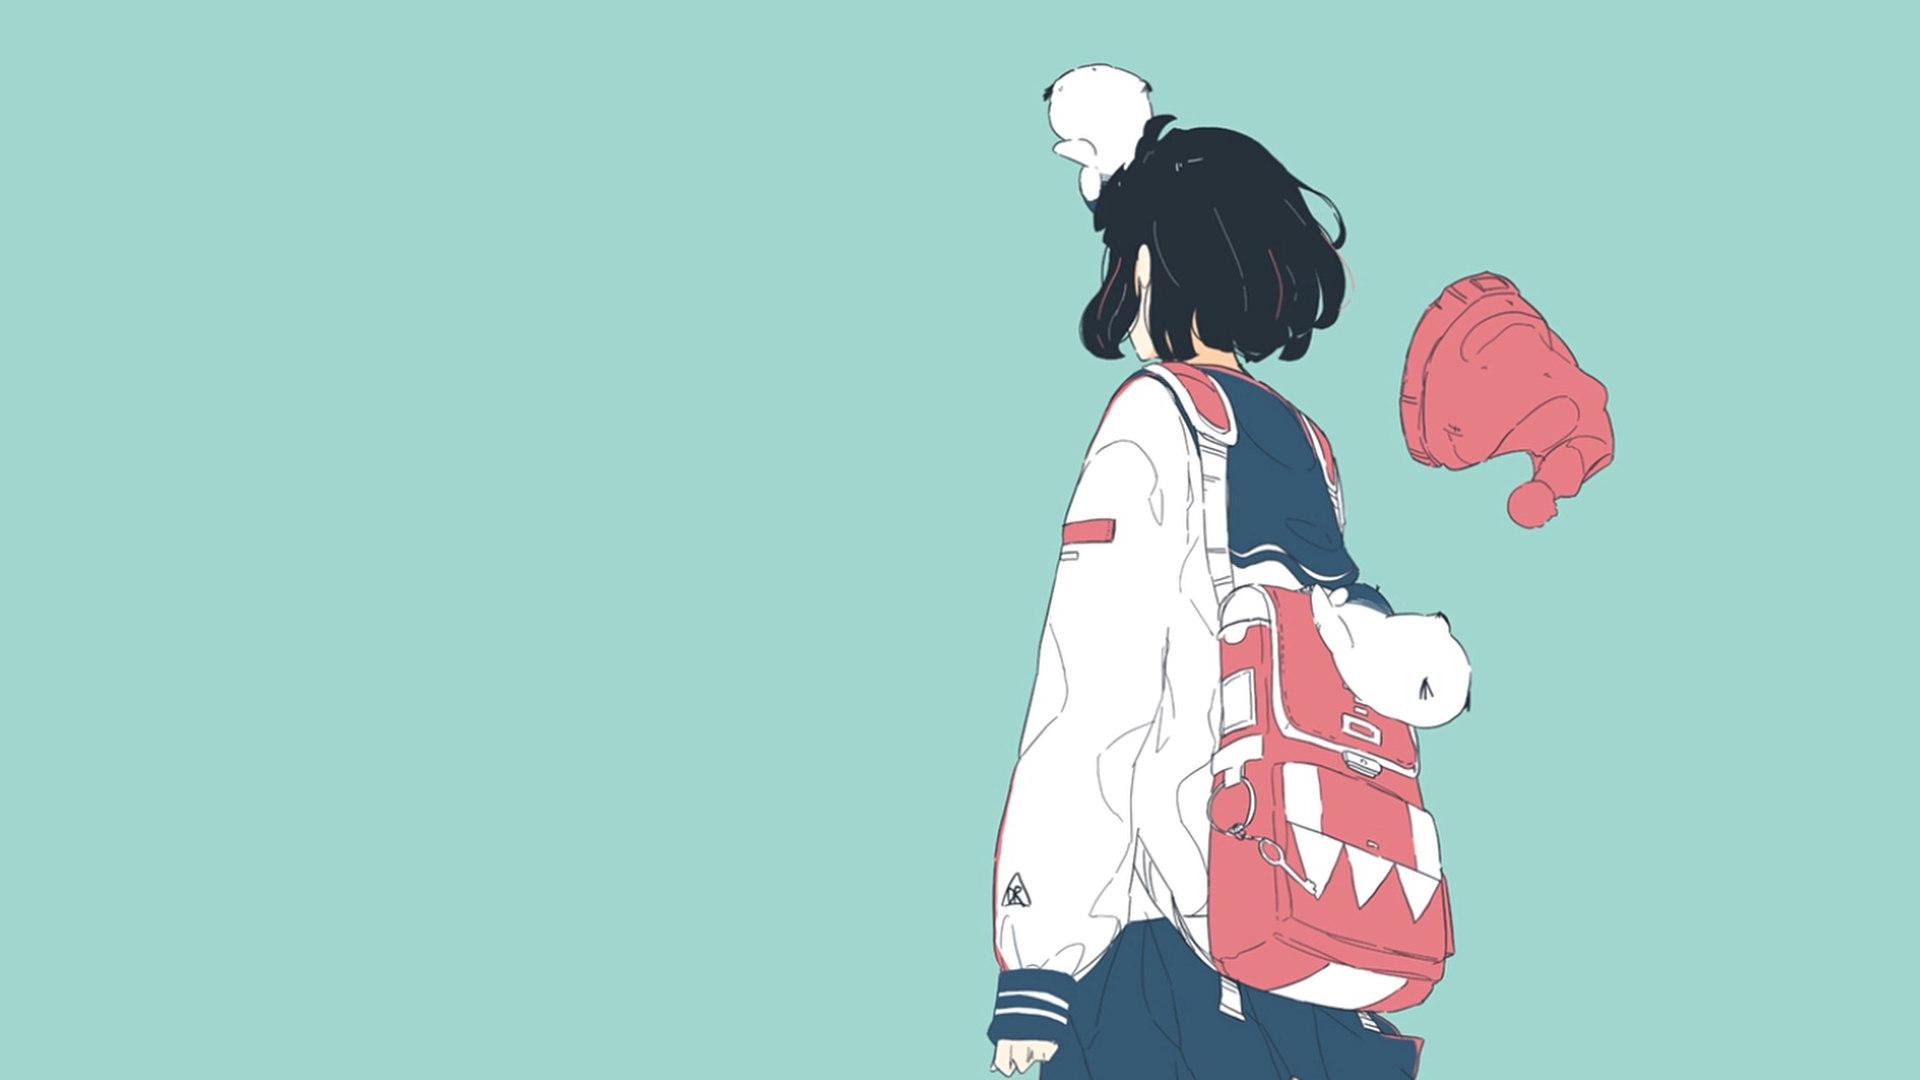 Anime Manga Anime Girls Turquoise Turquoise Background Simple Background Sailor Uniform